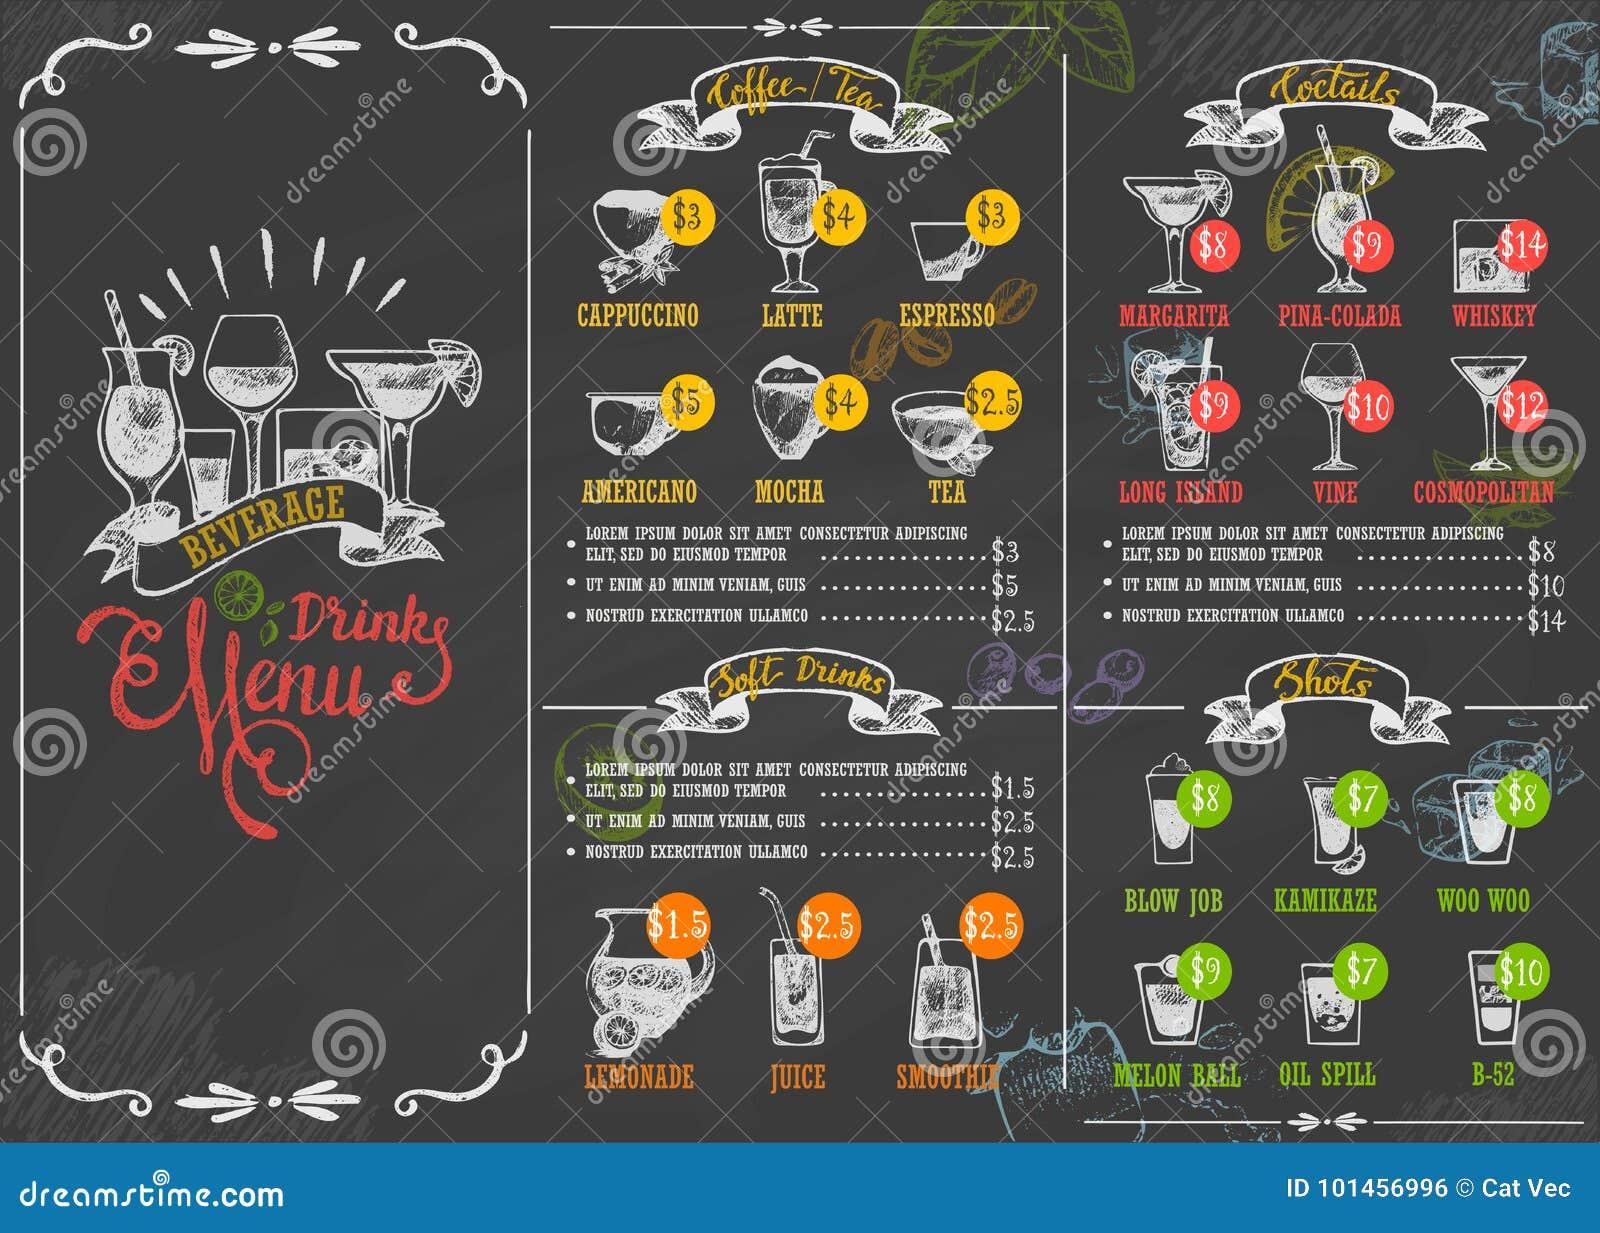 Иллюстрация вектора стиля каллиграфической литерности доски плаката питья напитка меню ресторана старая ретро винтажная